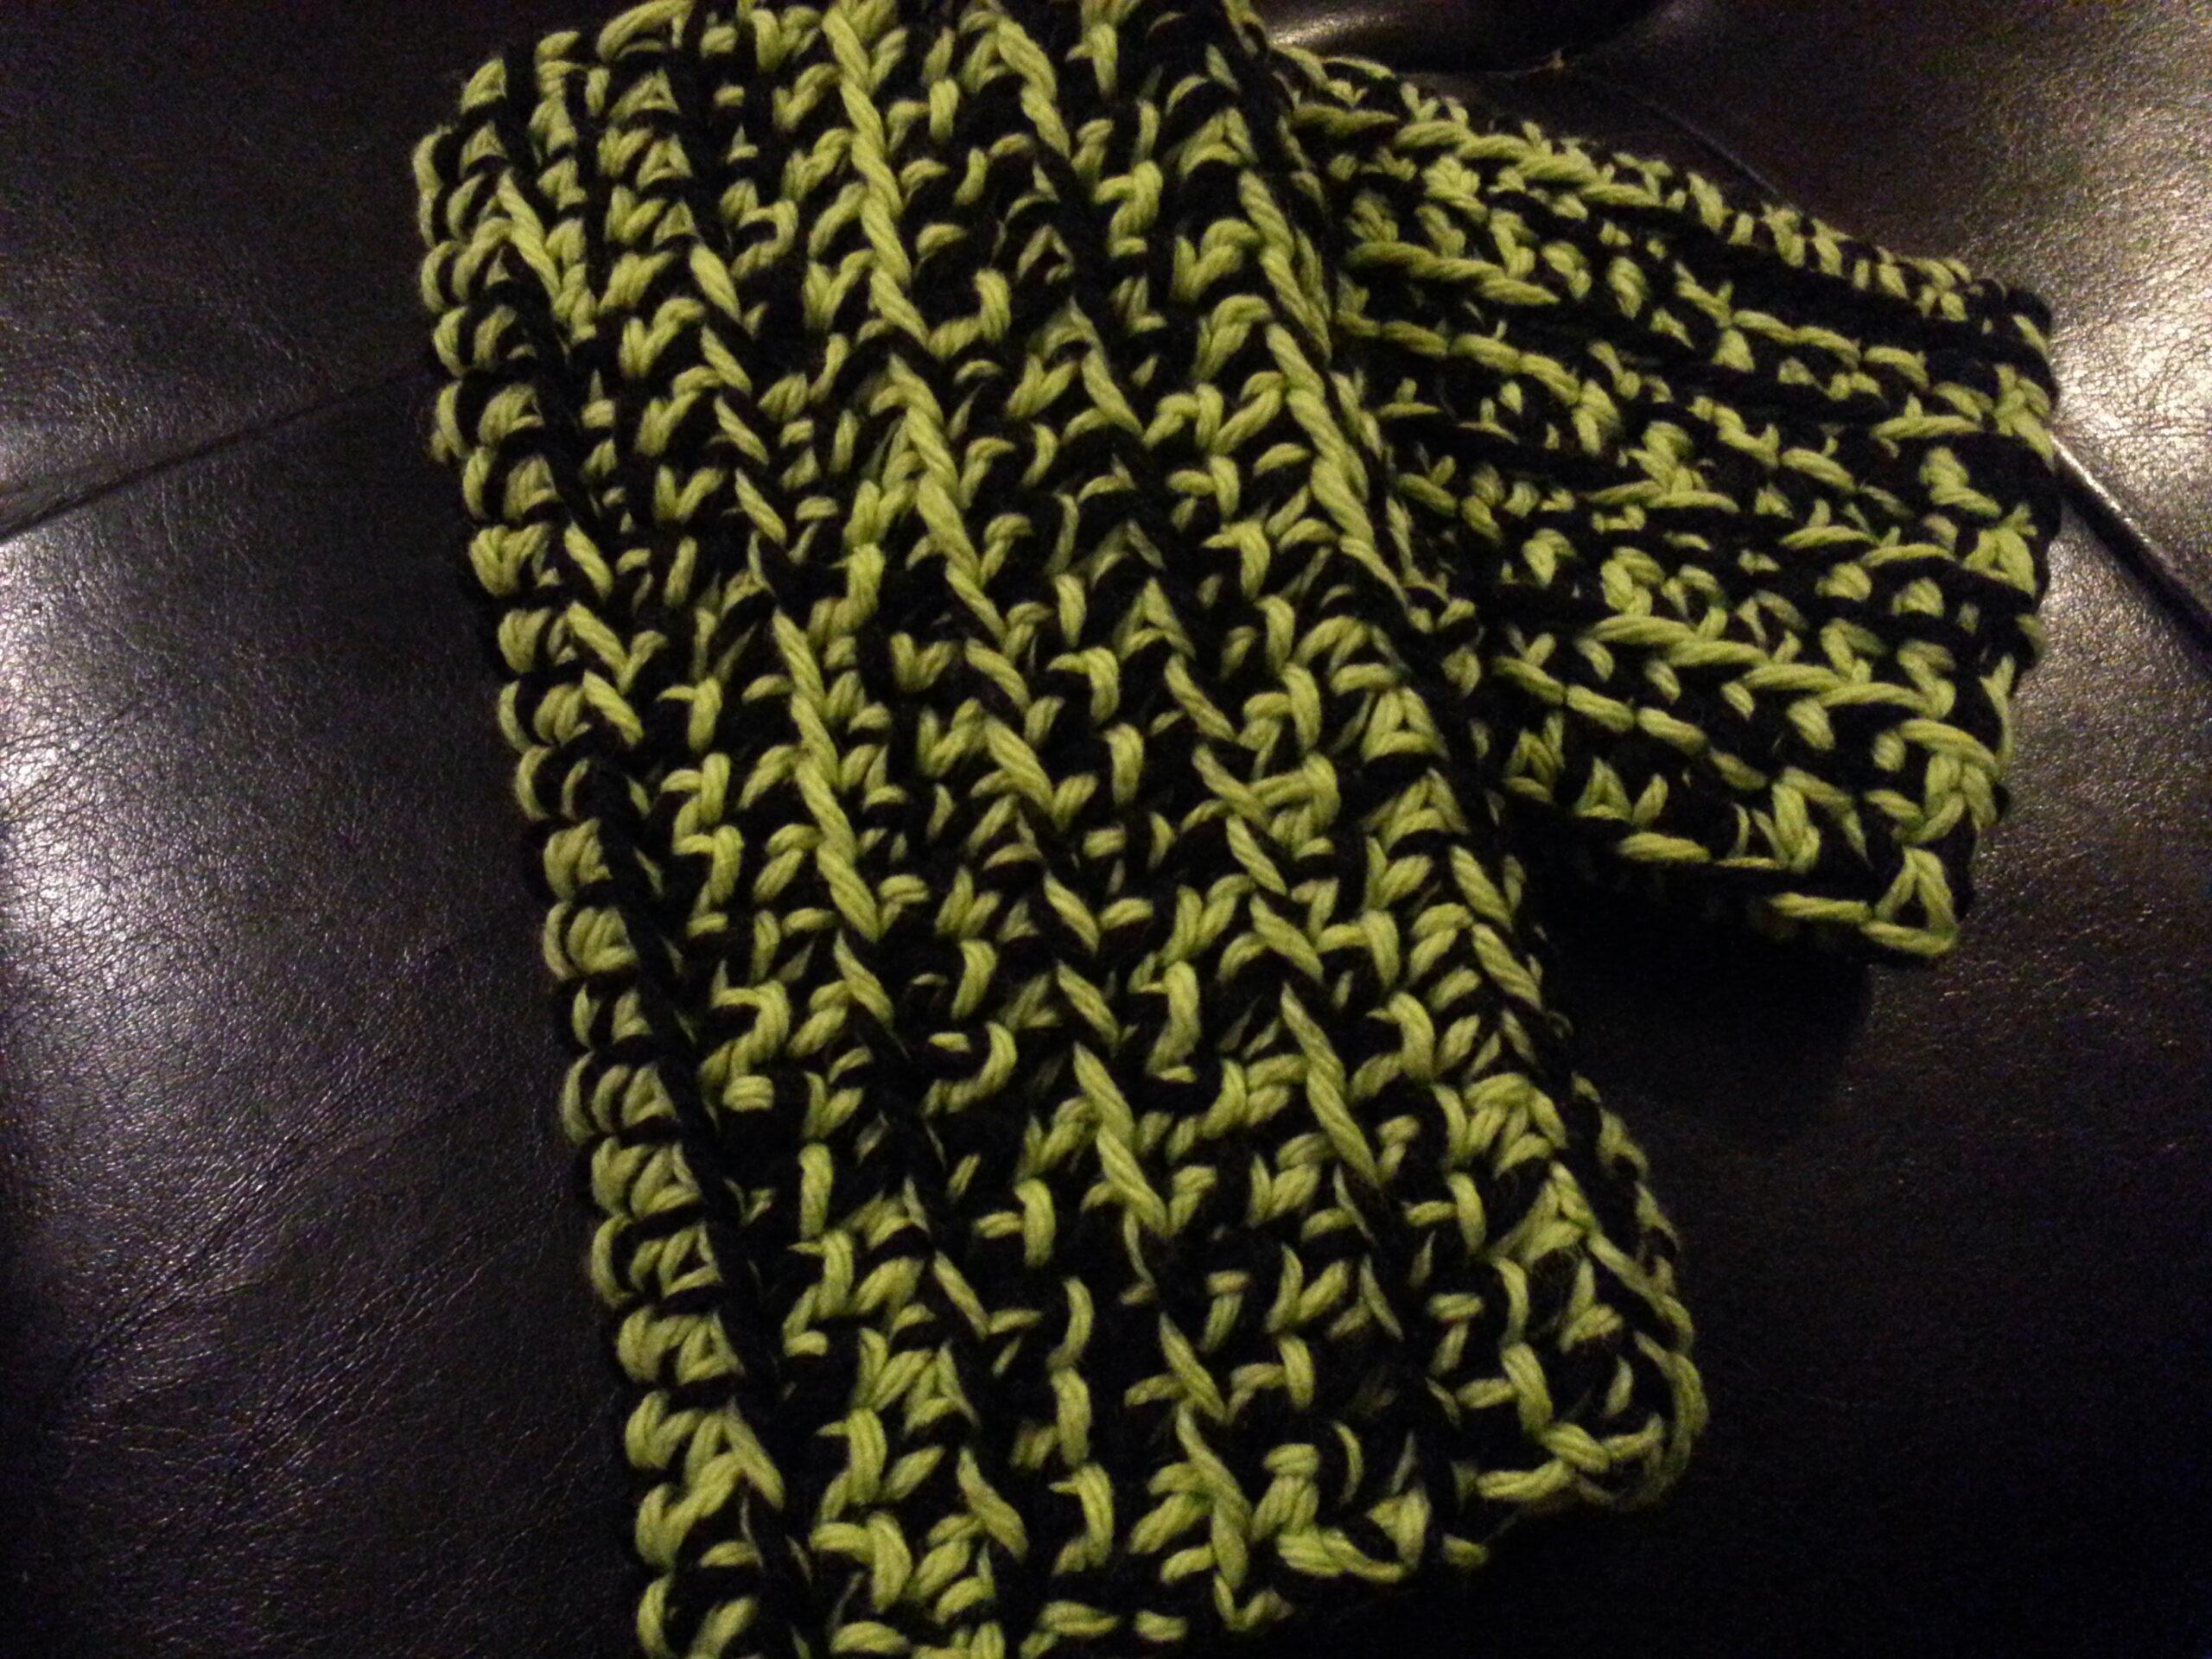 Black and Green Crocheted Fingerless Gloves